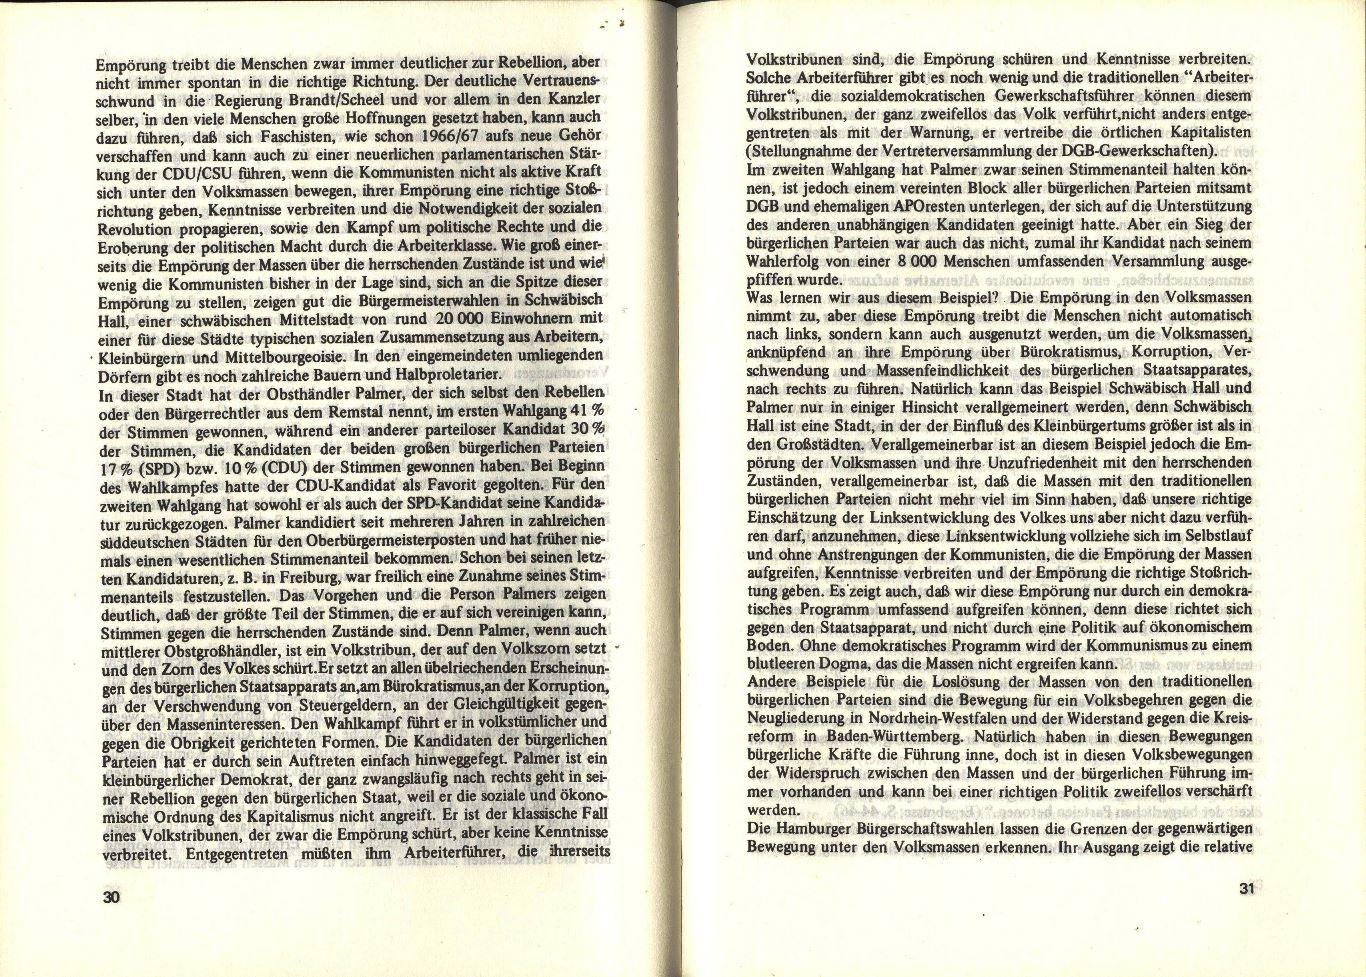 KBW_1974_Politischer_Bericht017